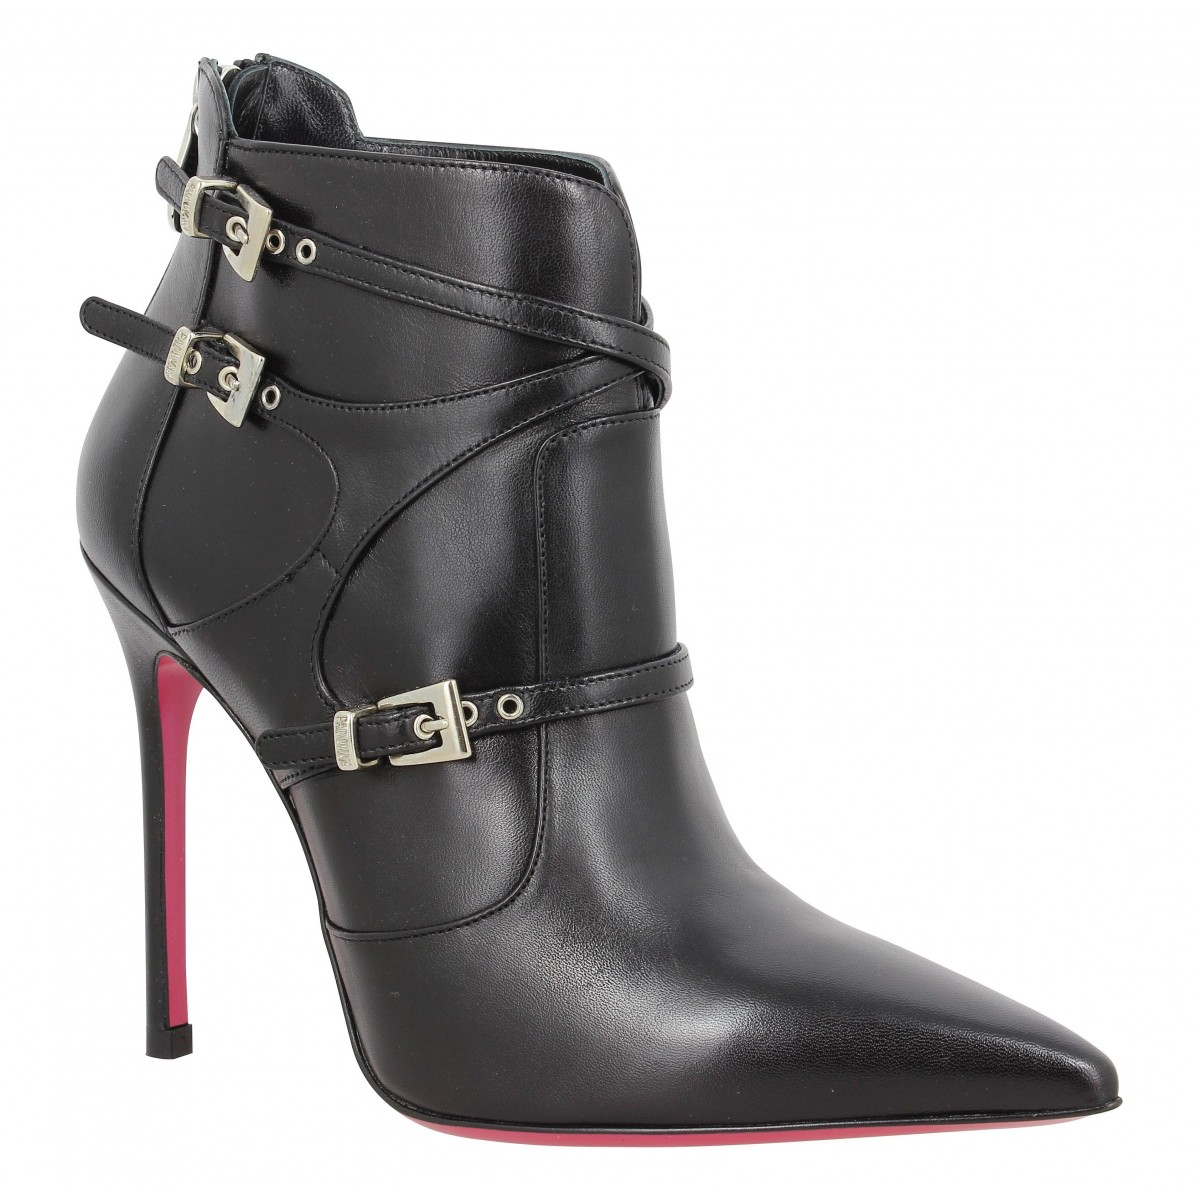 Vente Pour Bottines Femme Ligne Chaussures En 1gx7wxtq